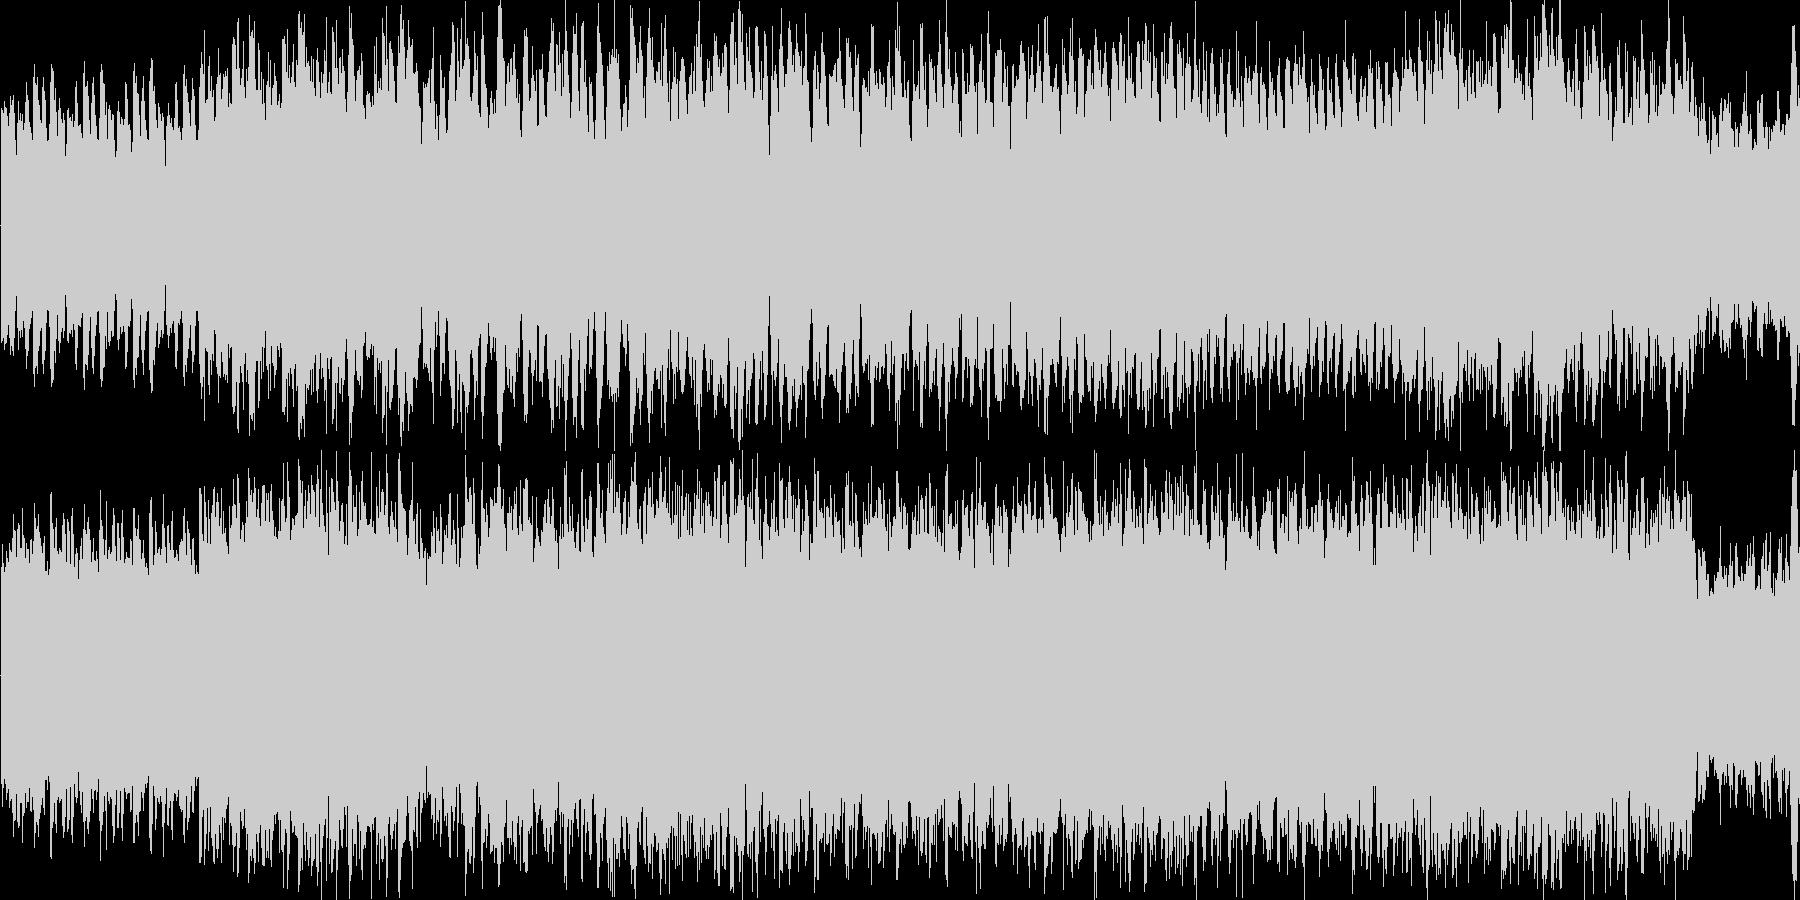 ミステリアスなシーンのバックミュージックの未再生の波形